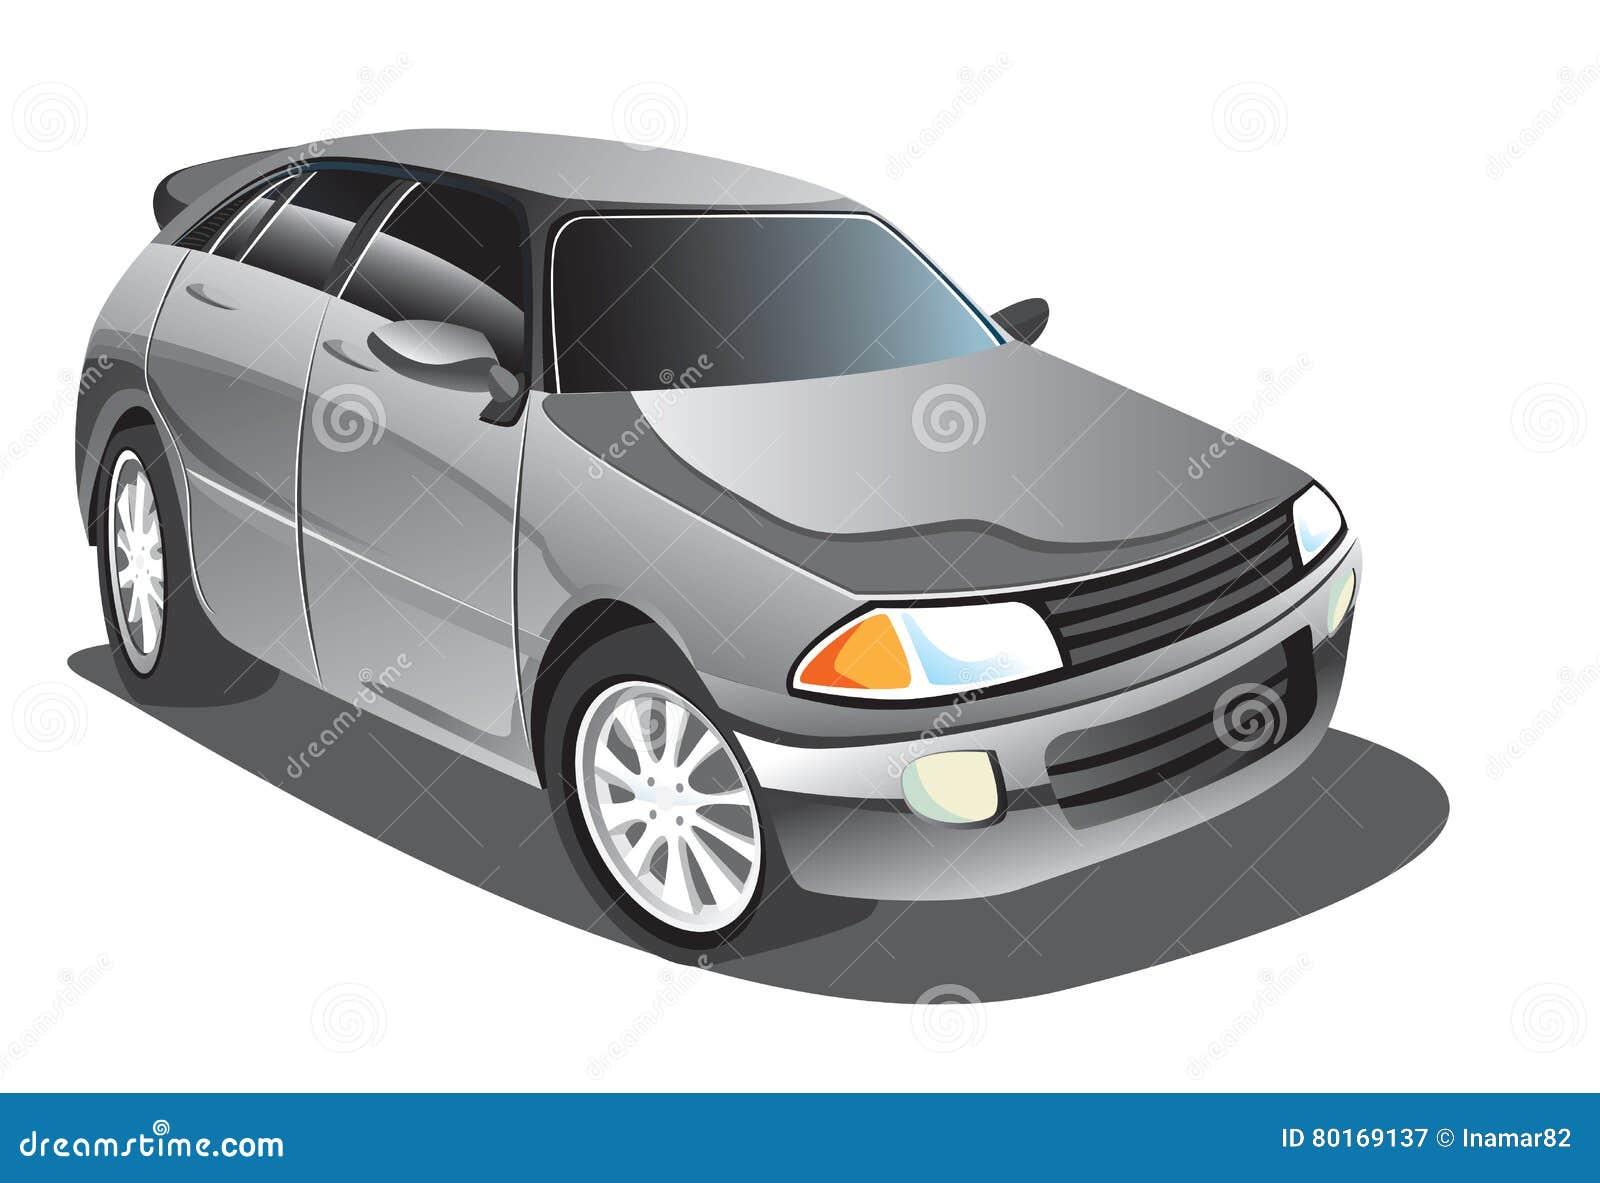 Gray Sedan Car Cartoon Stock Vector Illustration Of Model 80169137